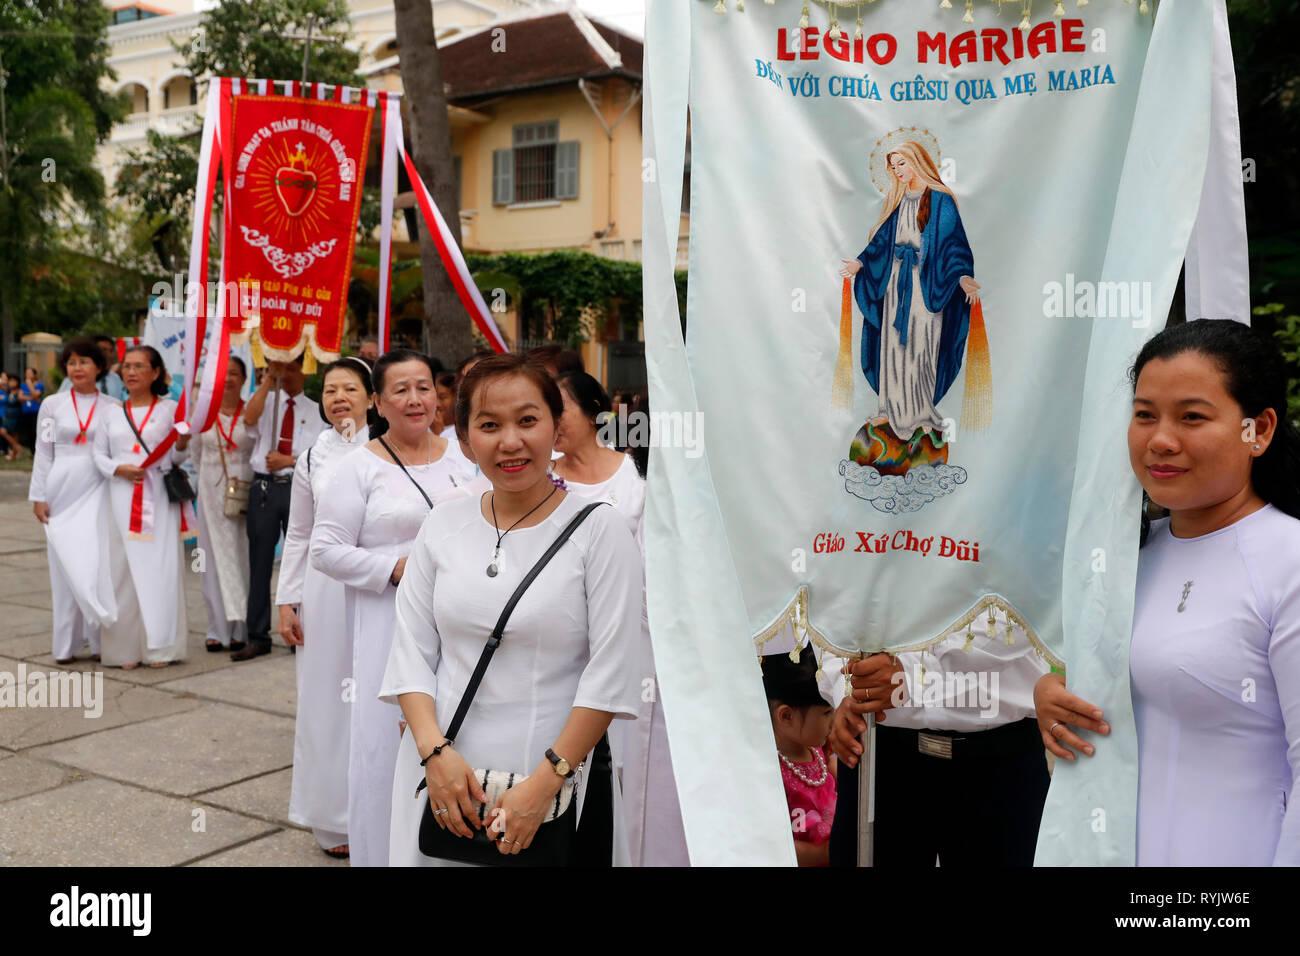 St Philip Kirche (huyen Sy Kirche). Das Fest der Himmelfahrt der Jungfrau Maria. Prozession. Ho Chi Minh City. Vietnam. Stockbild